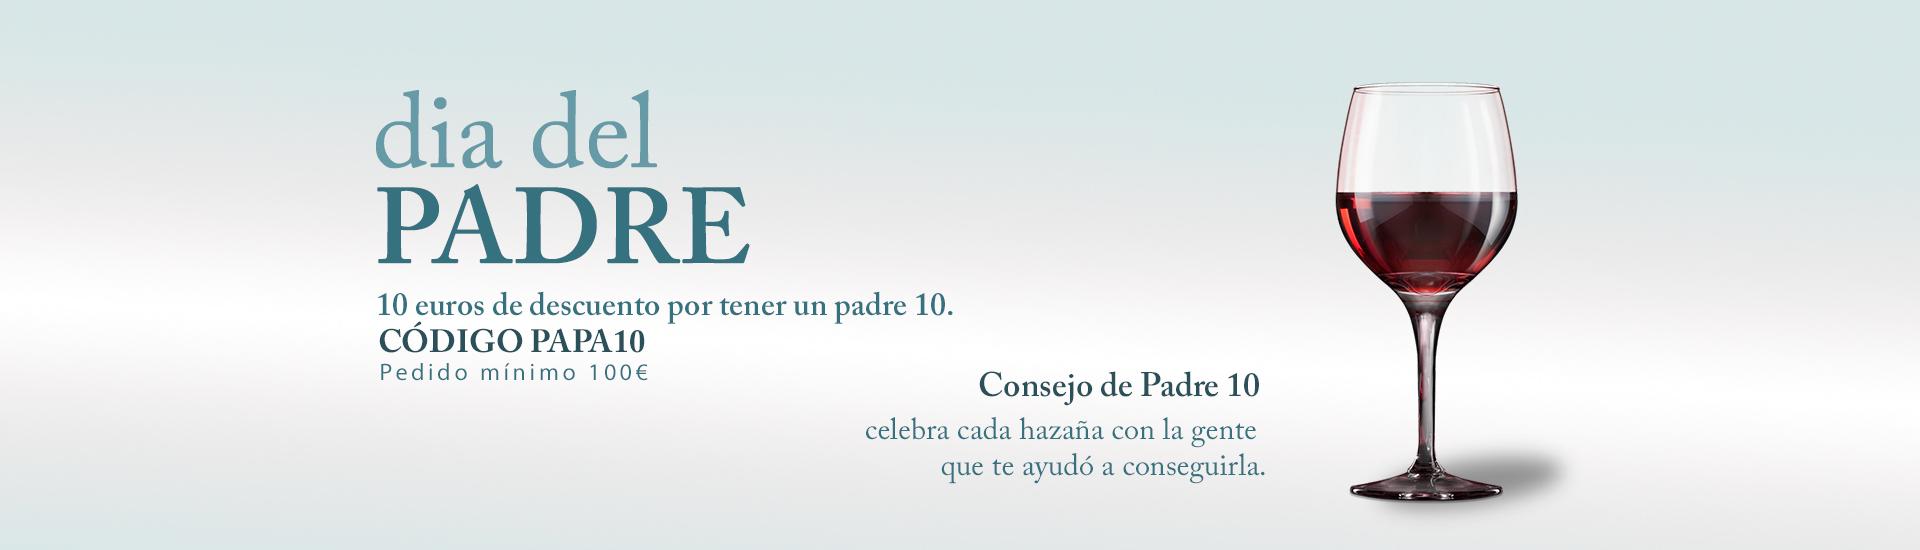 DÍA DEL PADRE | DESCUENTO DE 10€ PARA PADRES 10 | CÓDIGO CUPÓN PAPA10